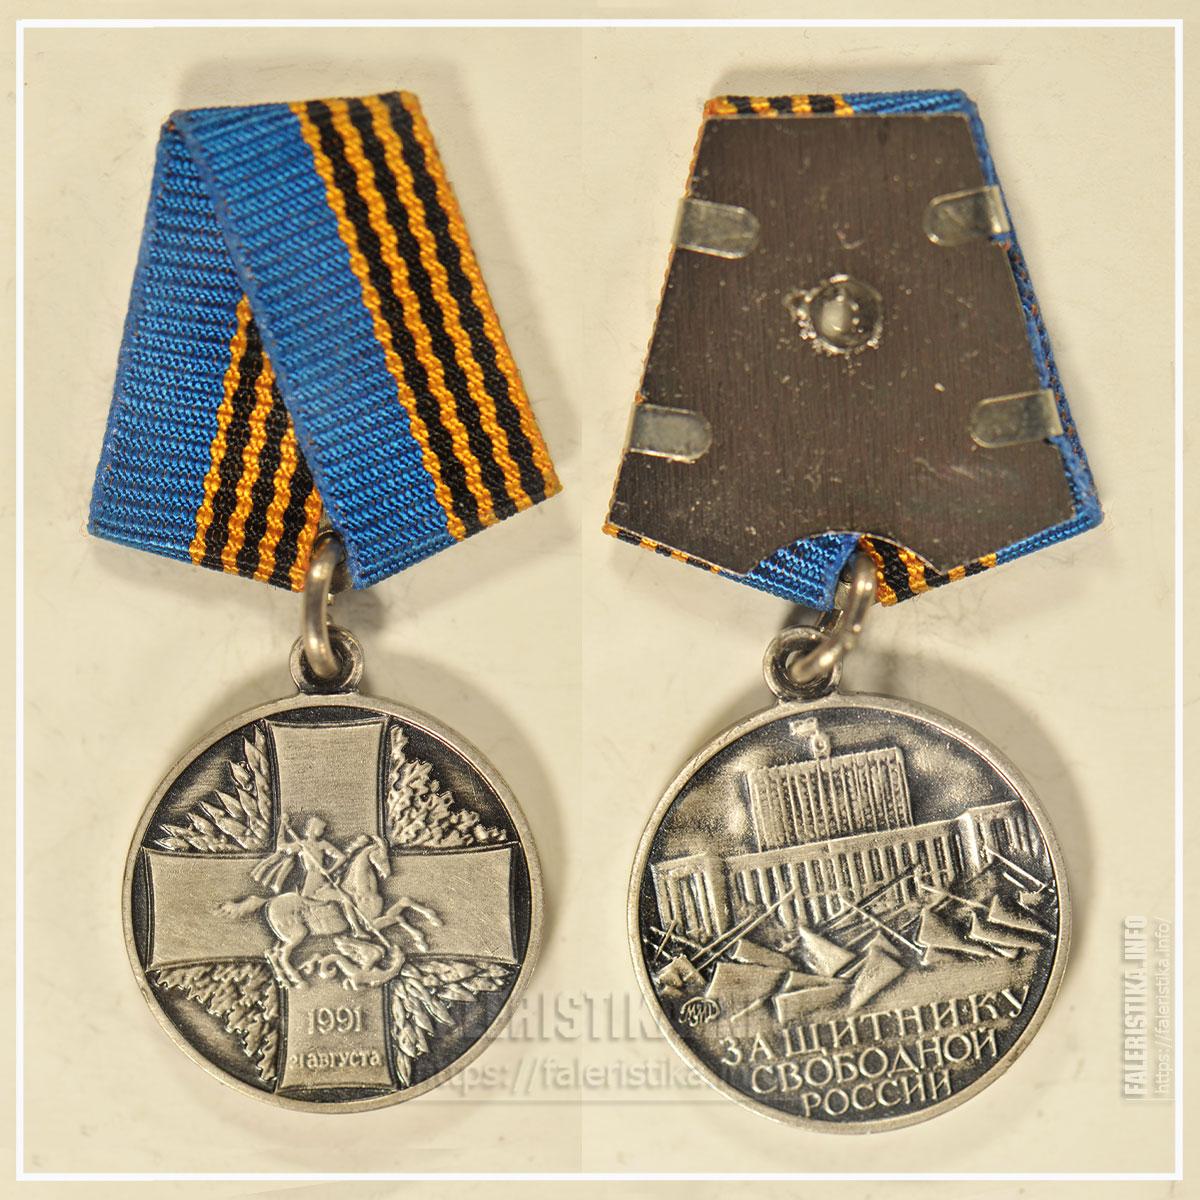 Медаль «Защитнику свободной России». Миниатюрная копия знака (фрачник). Московский монетный двор